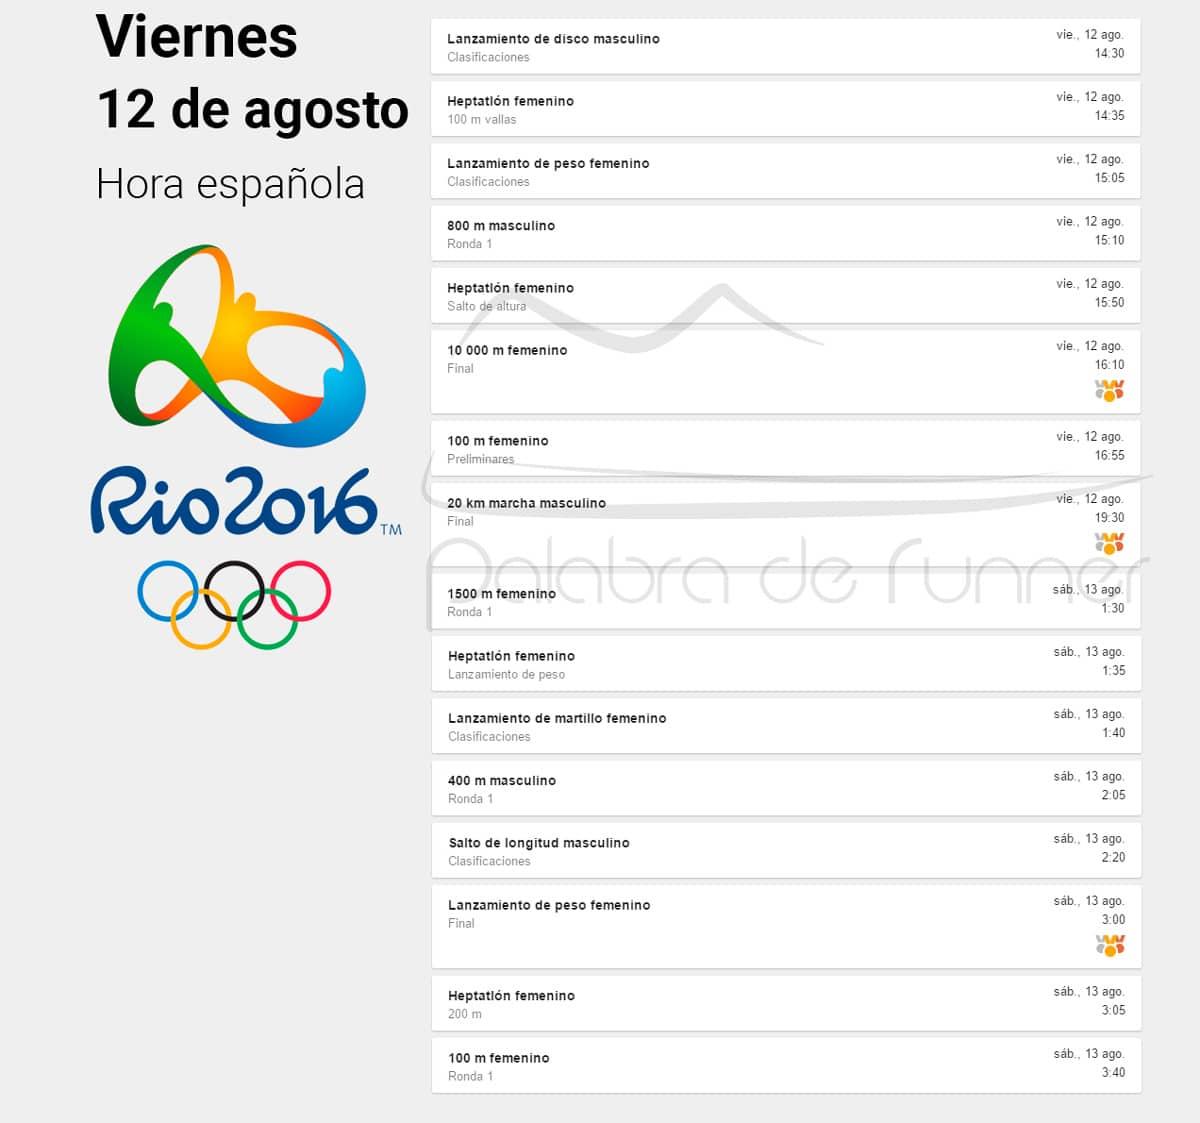 12 viernes horario atletismo en rio 2016